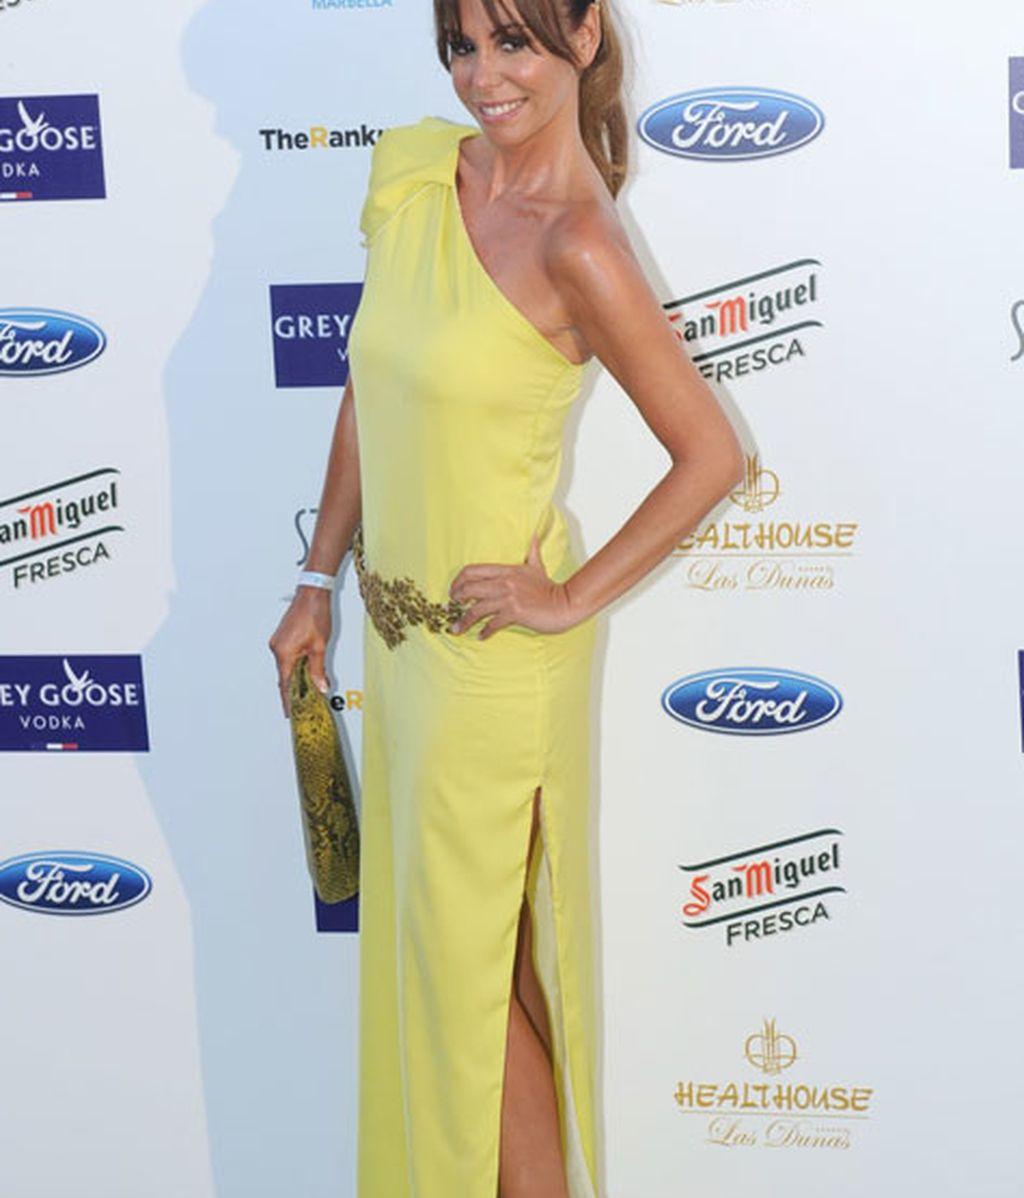 Lara Dibildos escogió un vestido amarillo y detalles dorados